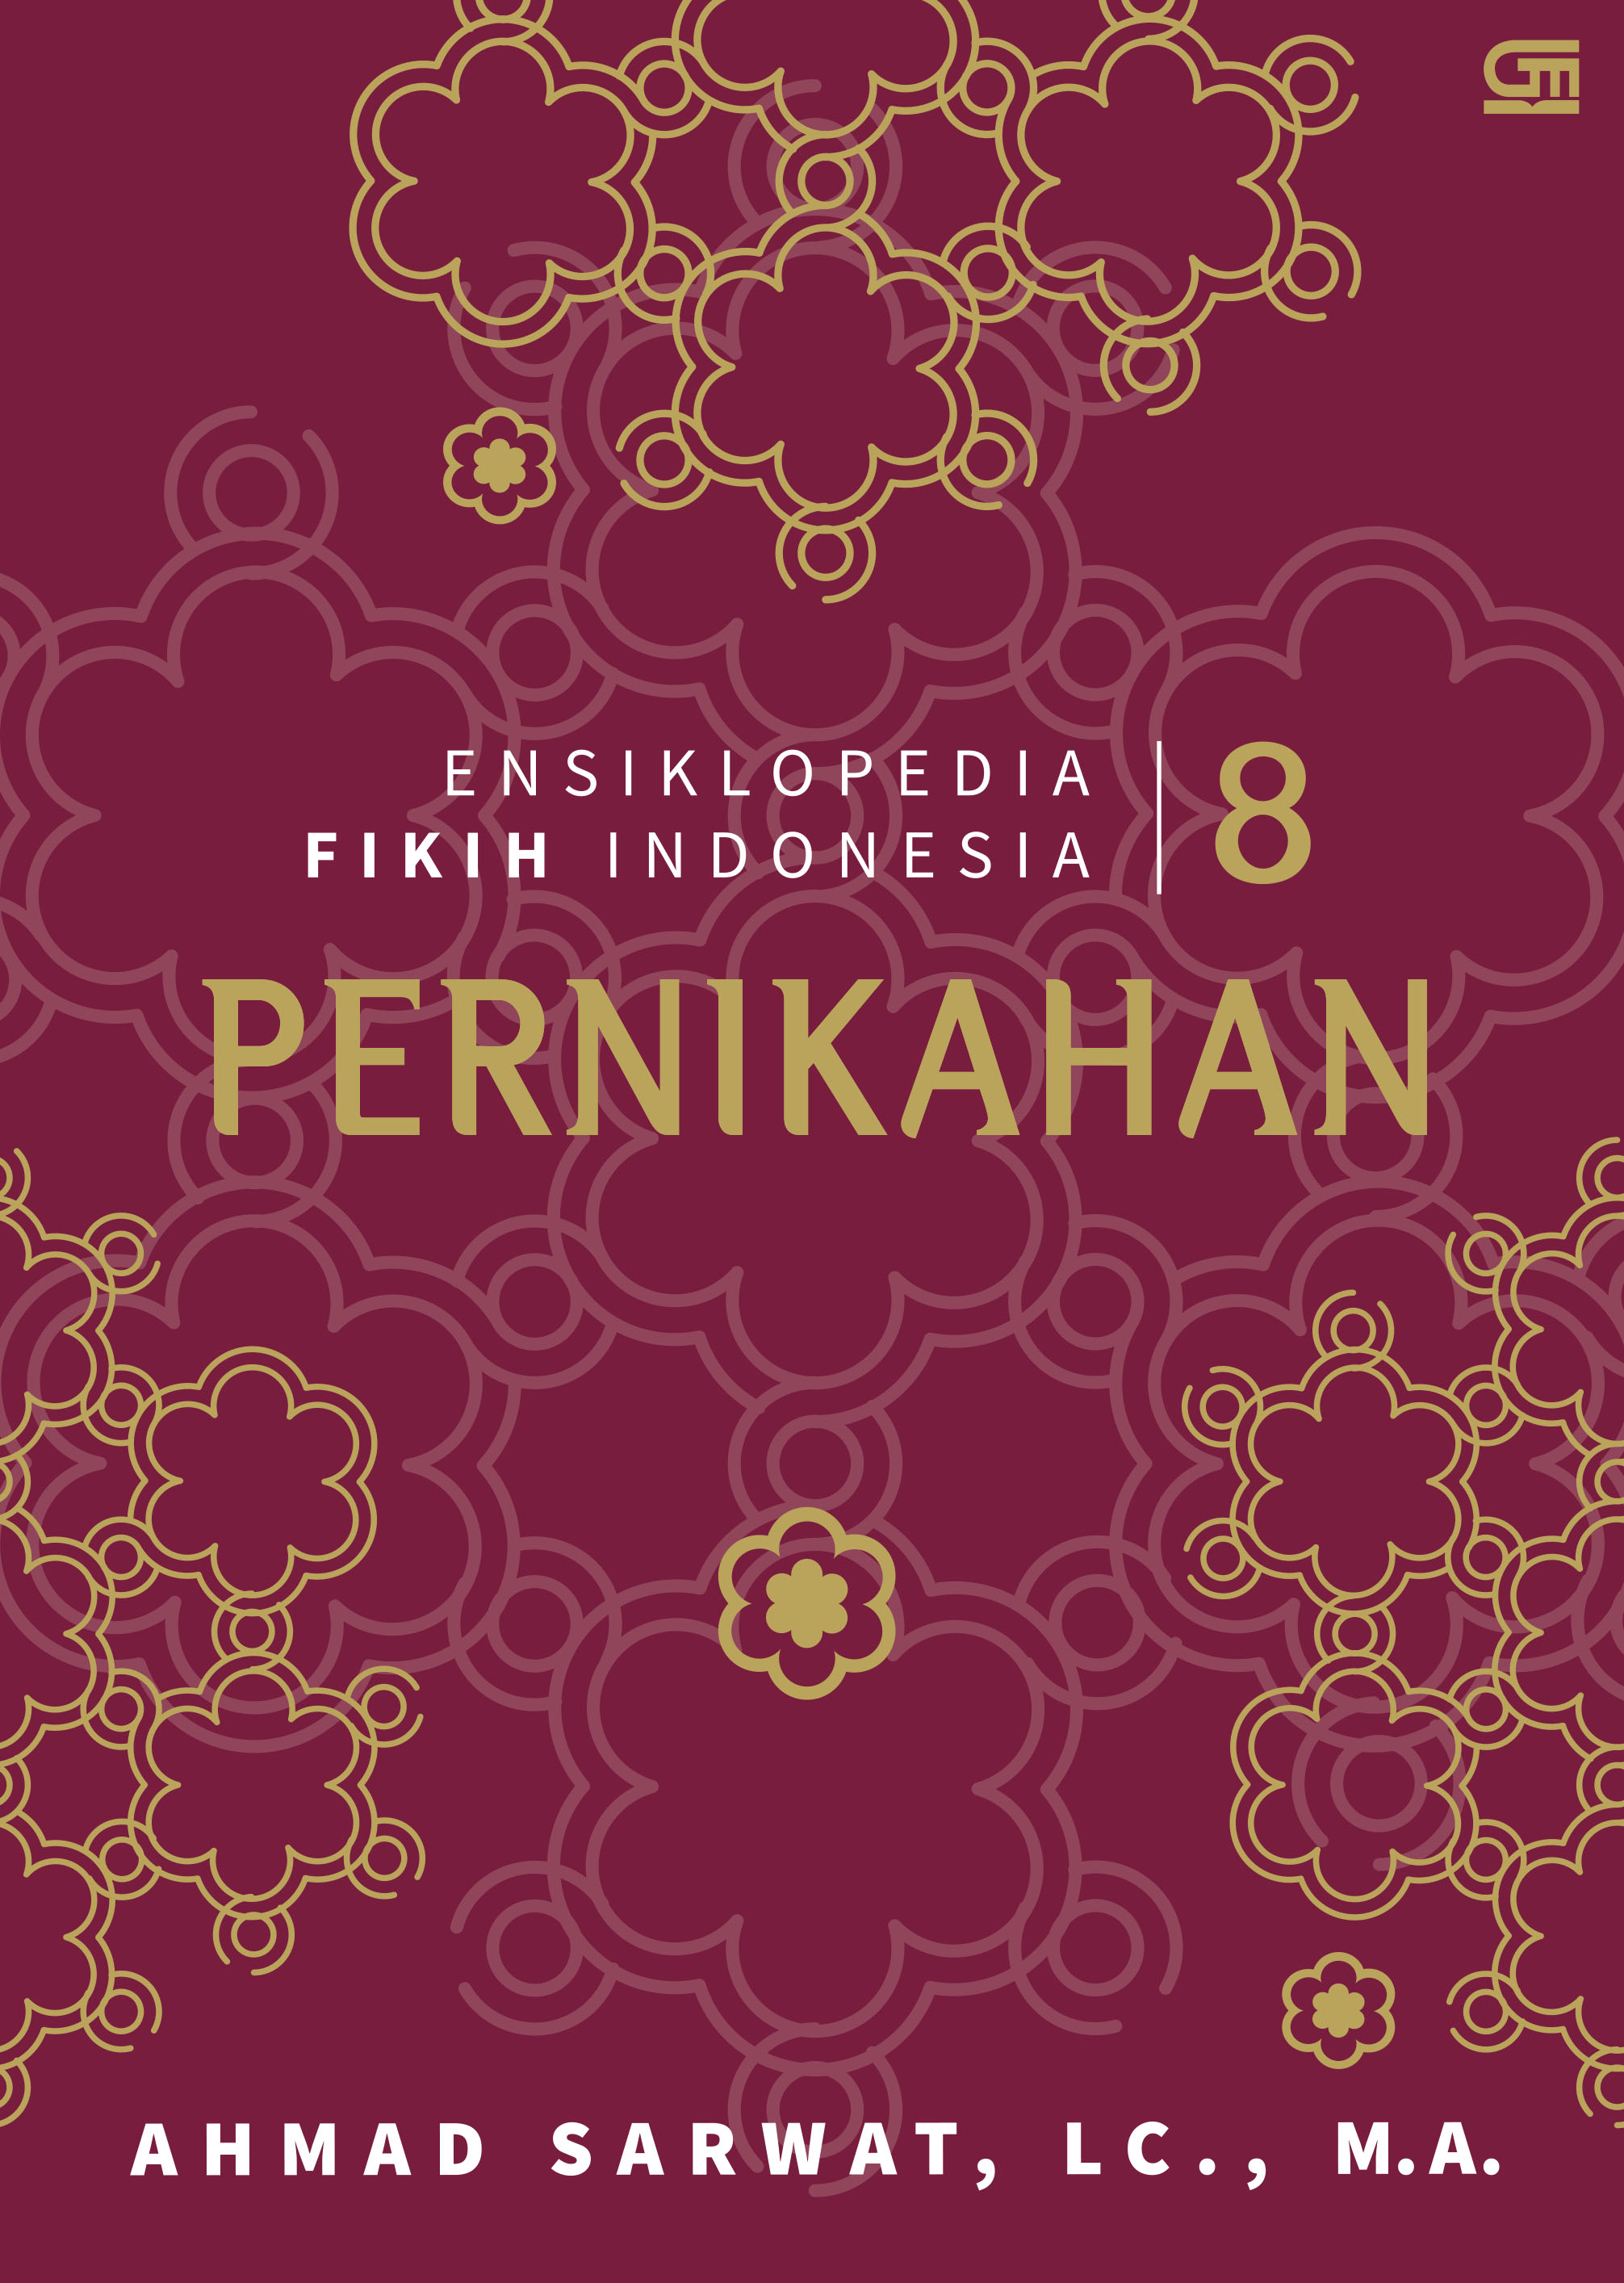 Ensiklopedi Fikih Indonesia: Pernikahan